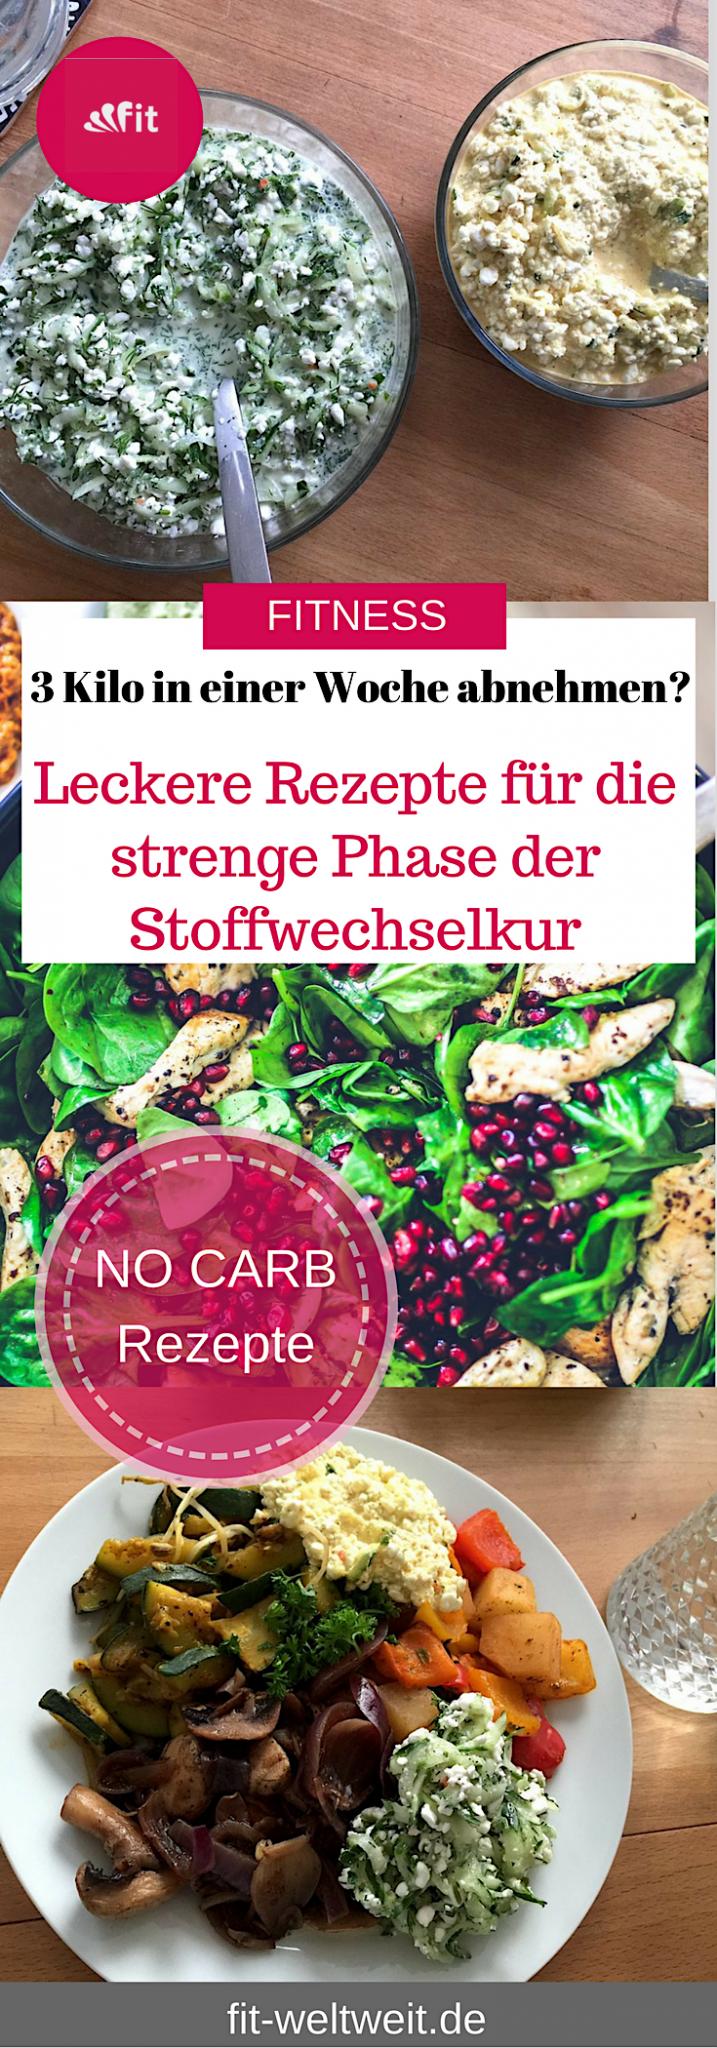 Photo of Stoffwechselkur Diät Rezepte für die strenge Phase (fettarme hcg Kur)